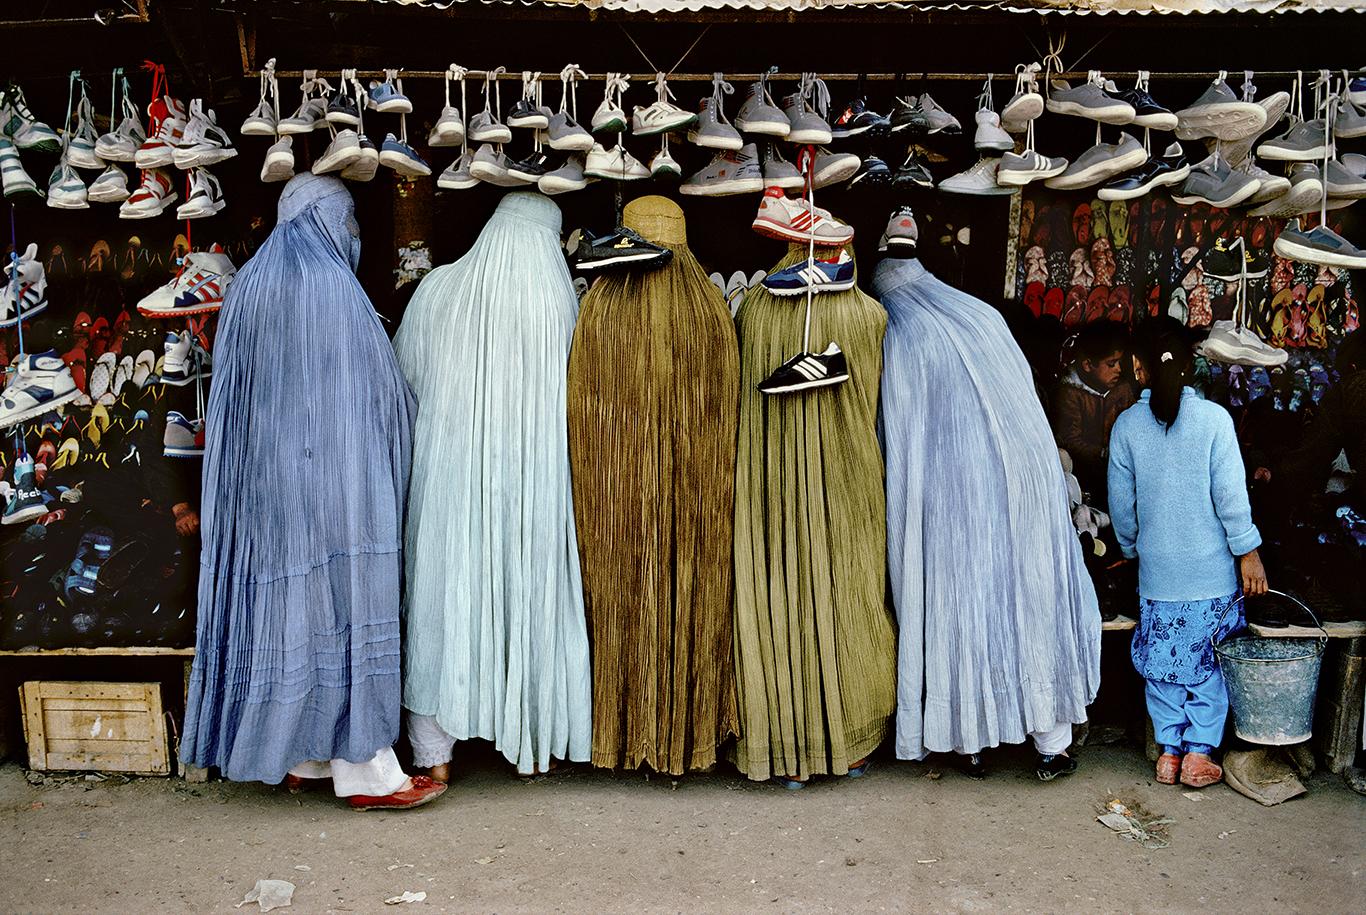 Стив МакКарри. Женщины в магазине обуви. Кабул, Афганистан, 1992